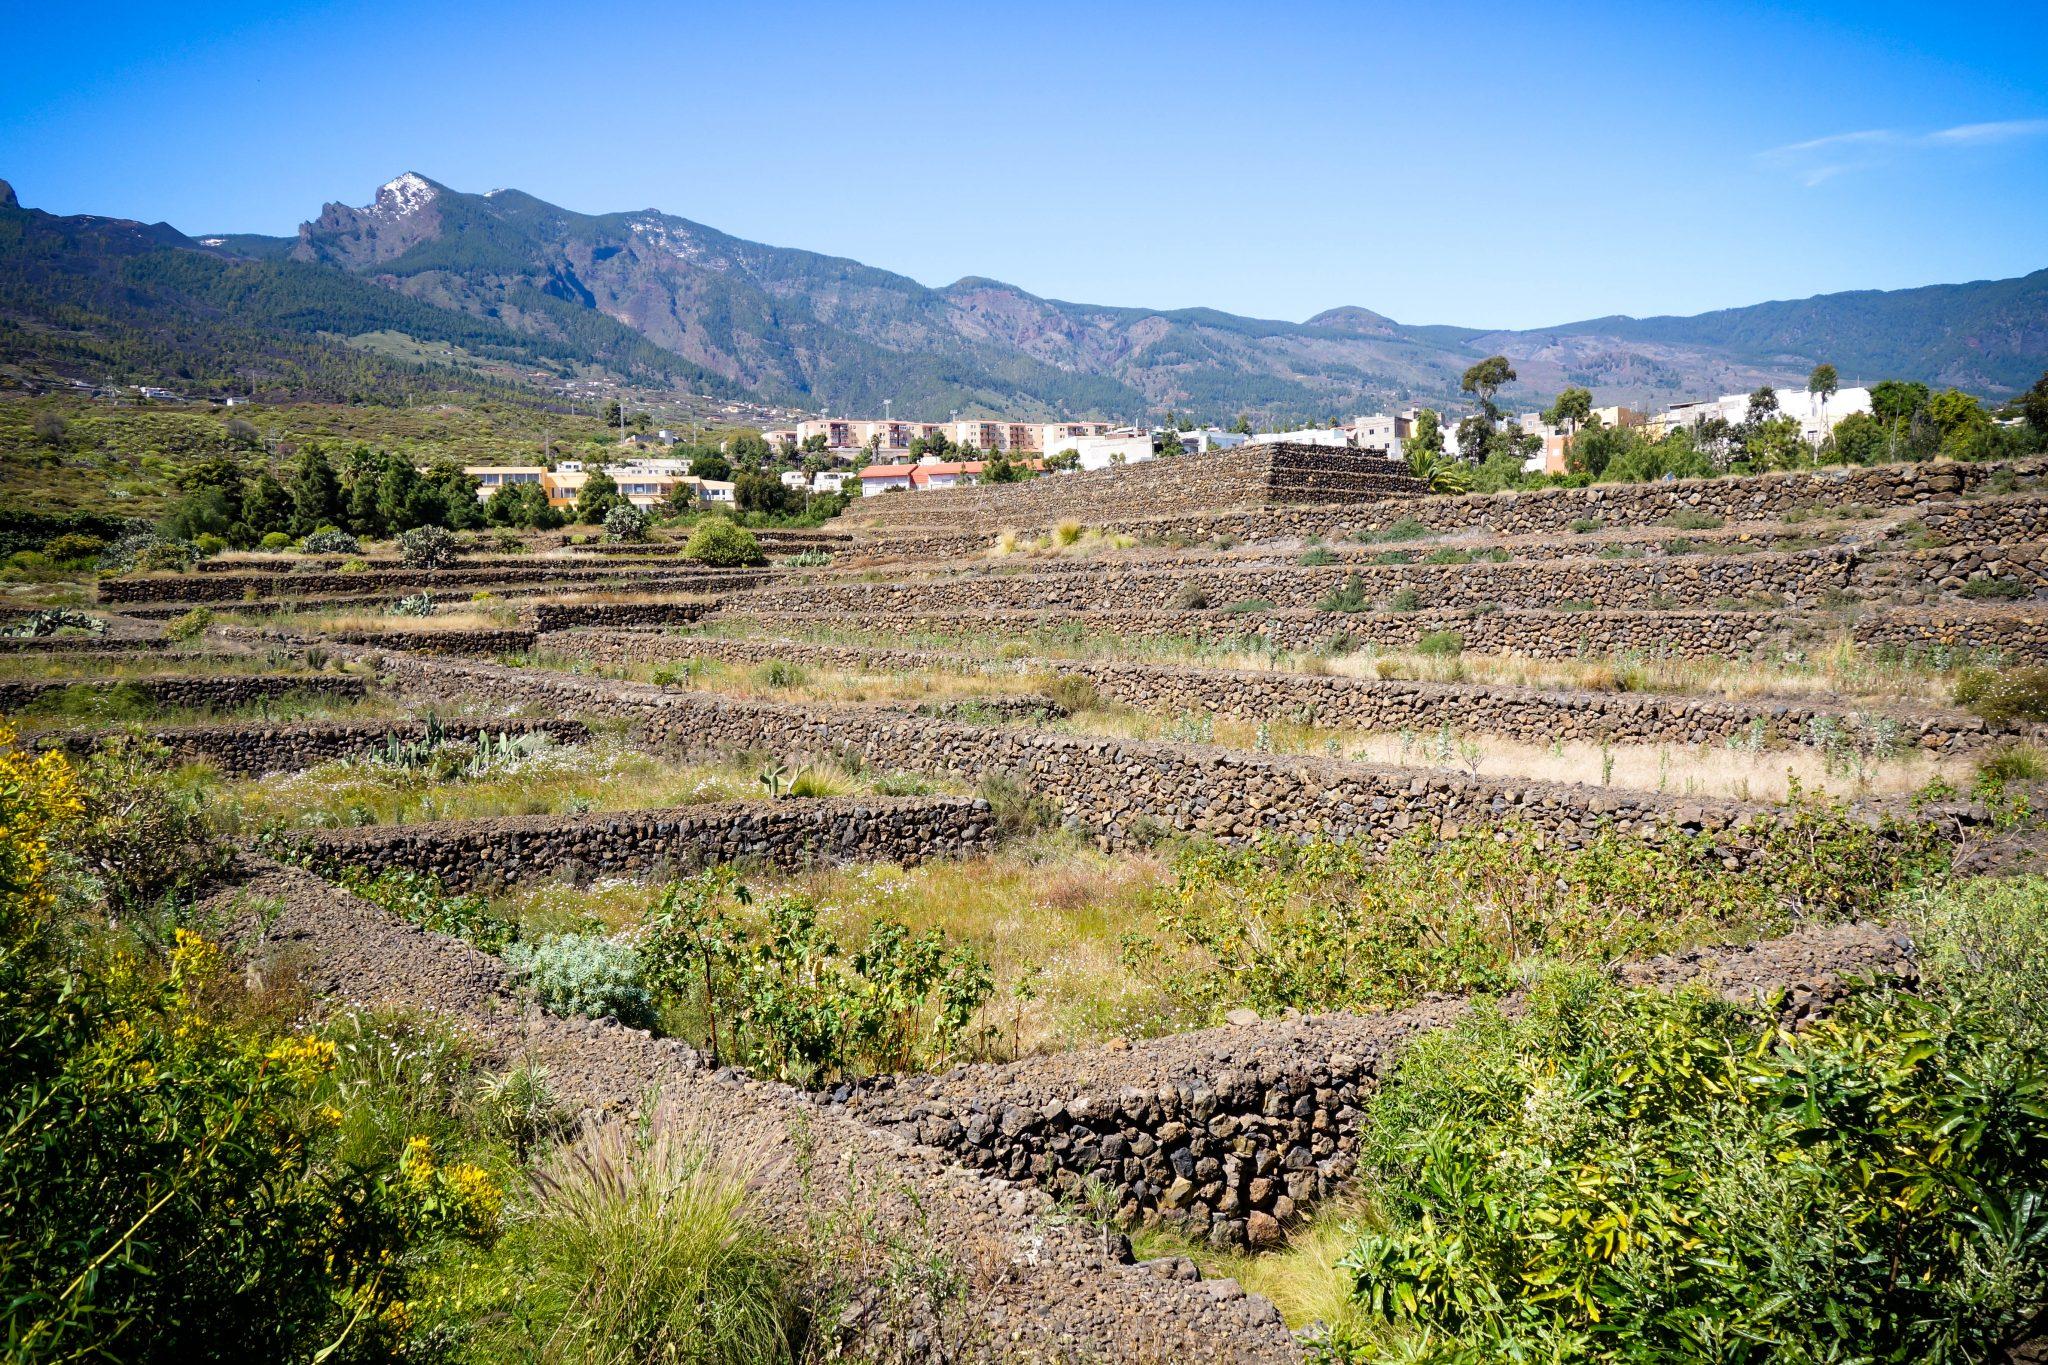 Teneriffa, Pyramiden von Guimar: ... ich konnte es nicht glauben und musste es mit meinen eigenen Augen sehen!